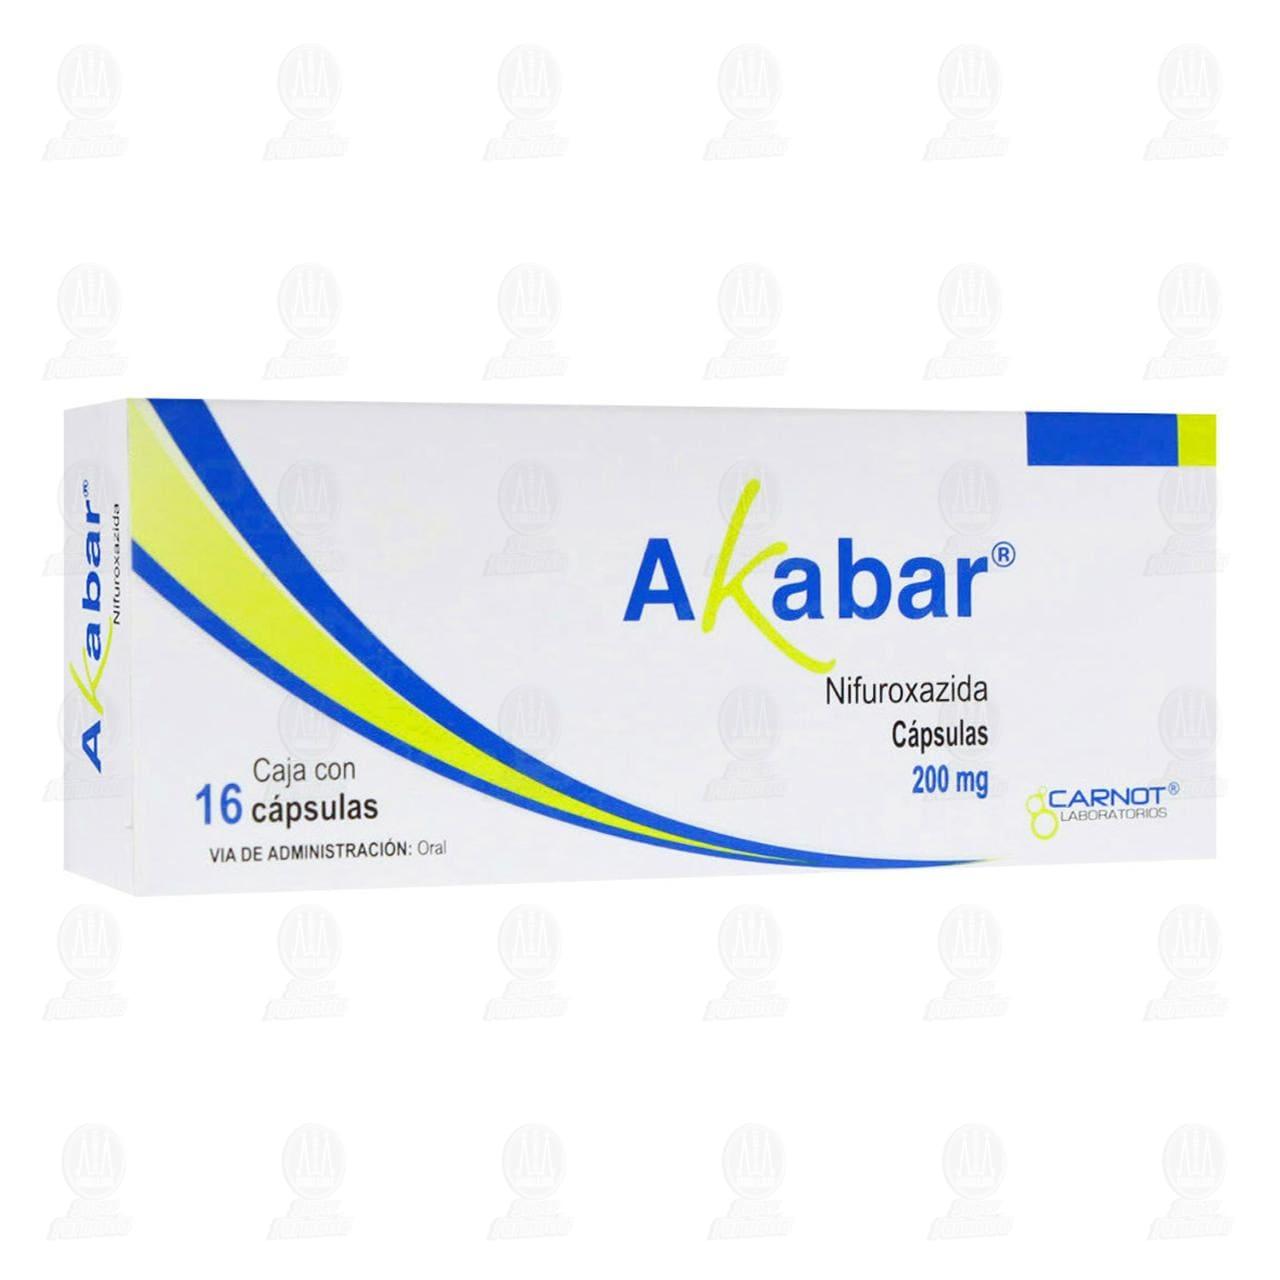 Comprar Akabar 200mg 16 Cápsulas en Farmacias Guadalajara